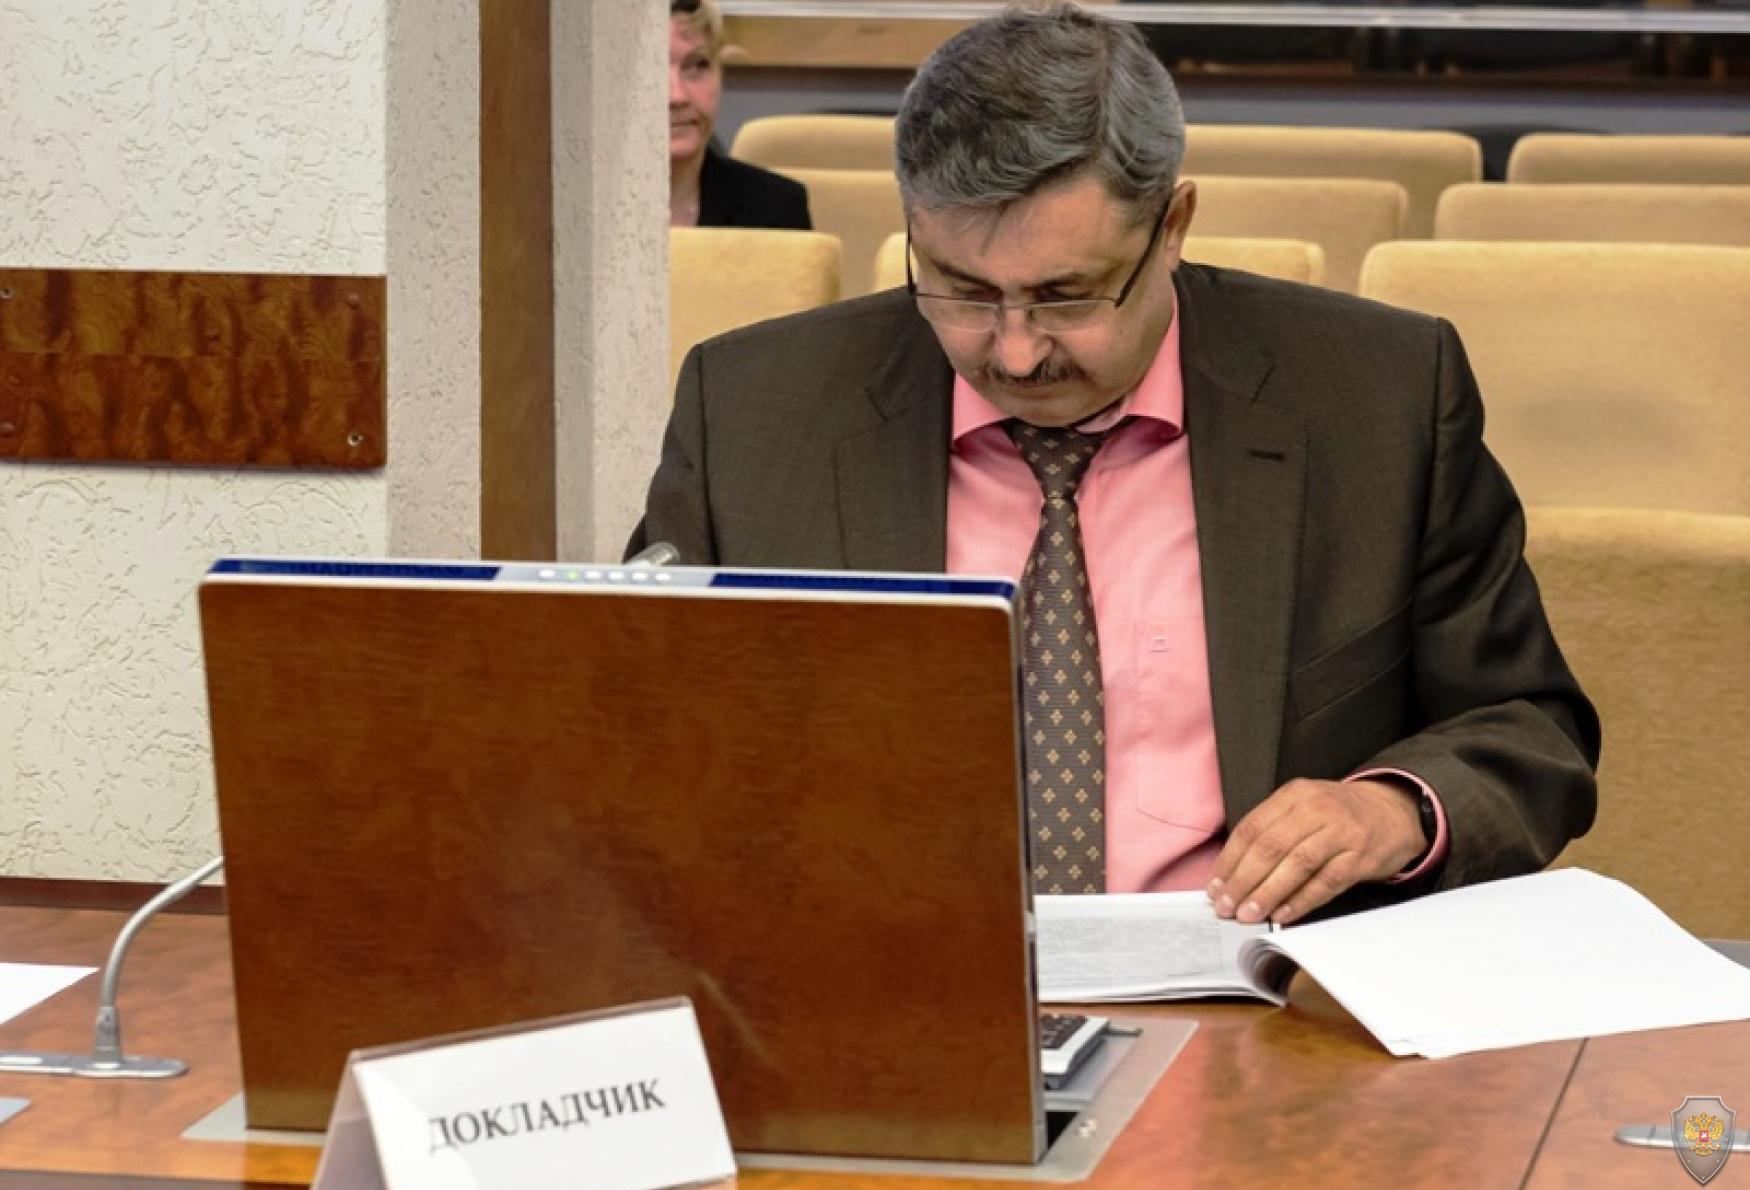 Директор КУ НАО «Централизованный стройзаказчик» Каспаров А.А. доложил о принимаемых мерах в сфере обеспечения безопасности на объектах автотранспортной инфраструктуры